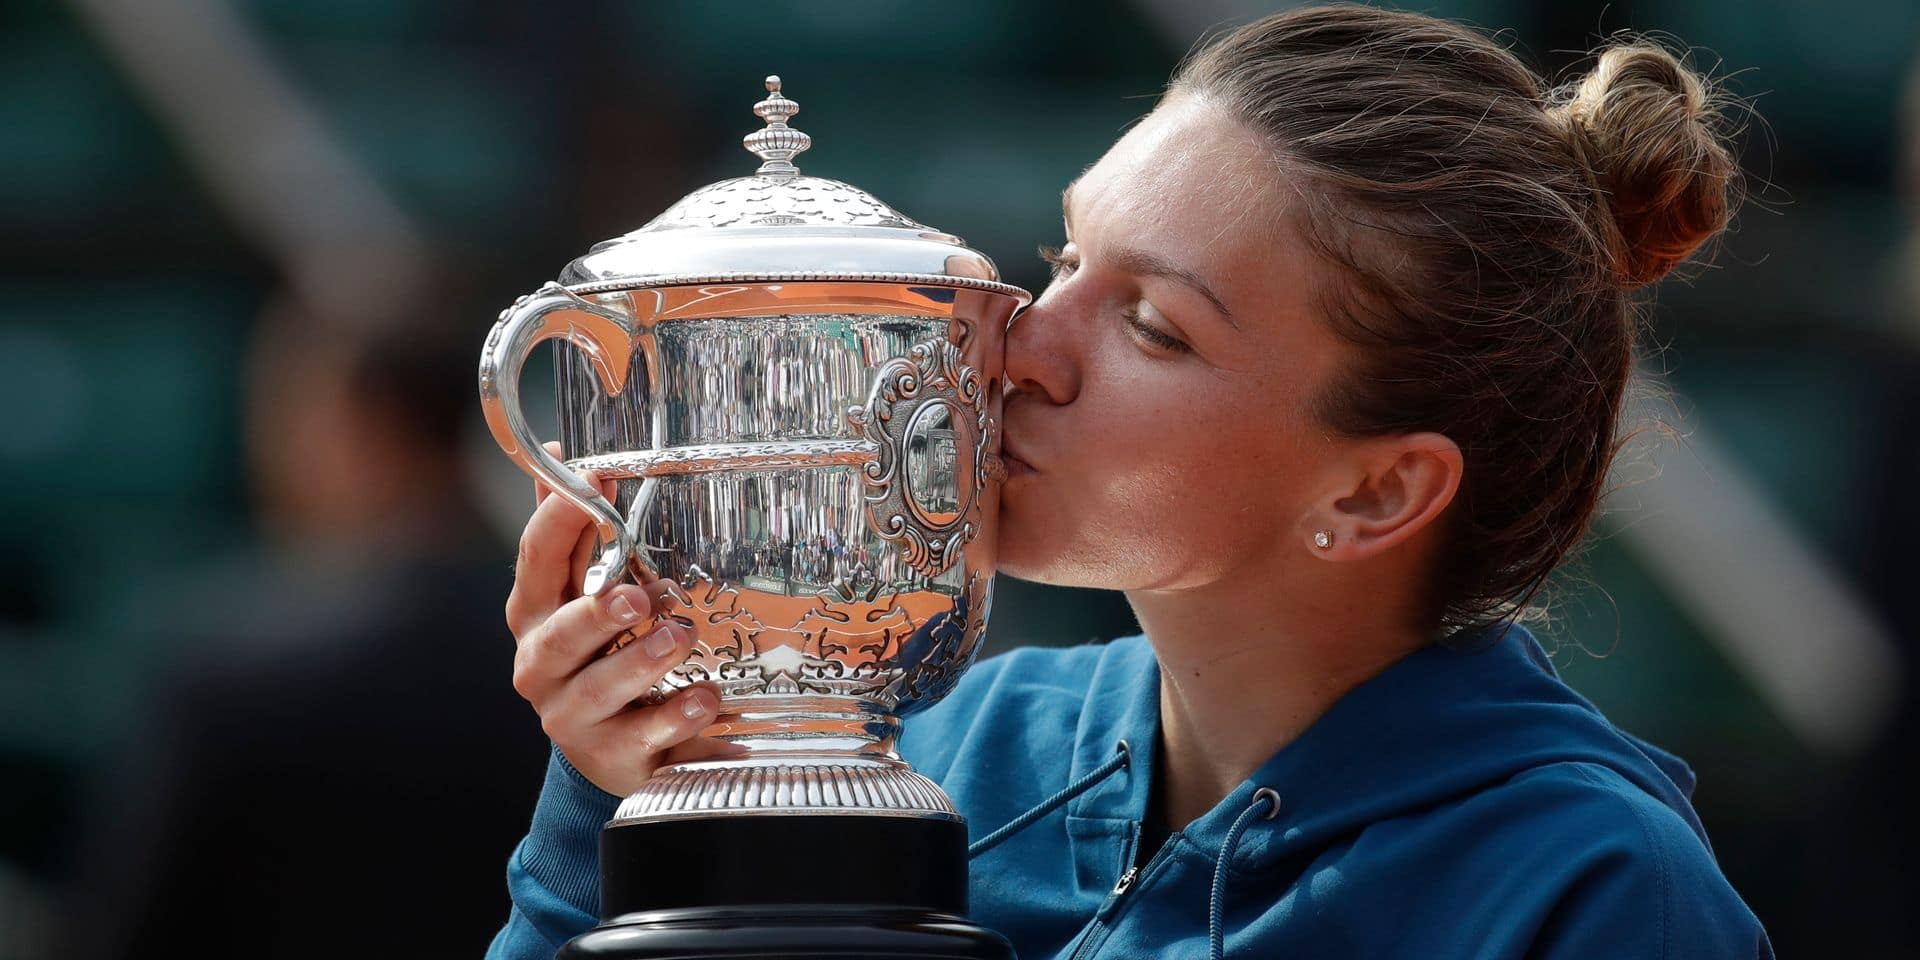 Roland-Garros: Simona Halep remporte son premier tournoi majeur après sa victoire contre Sloane Stephens (3-6, 6-4, 6-1)